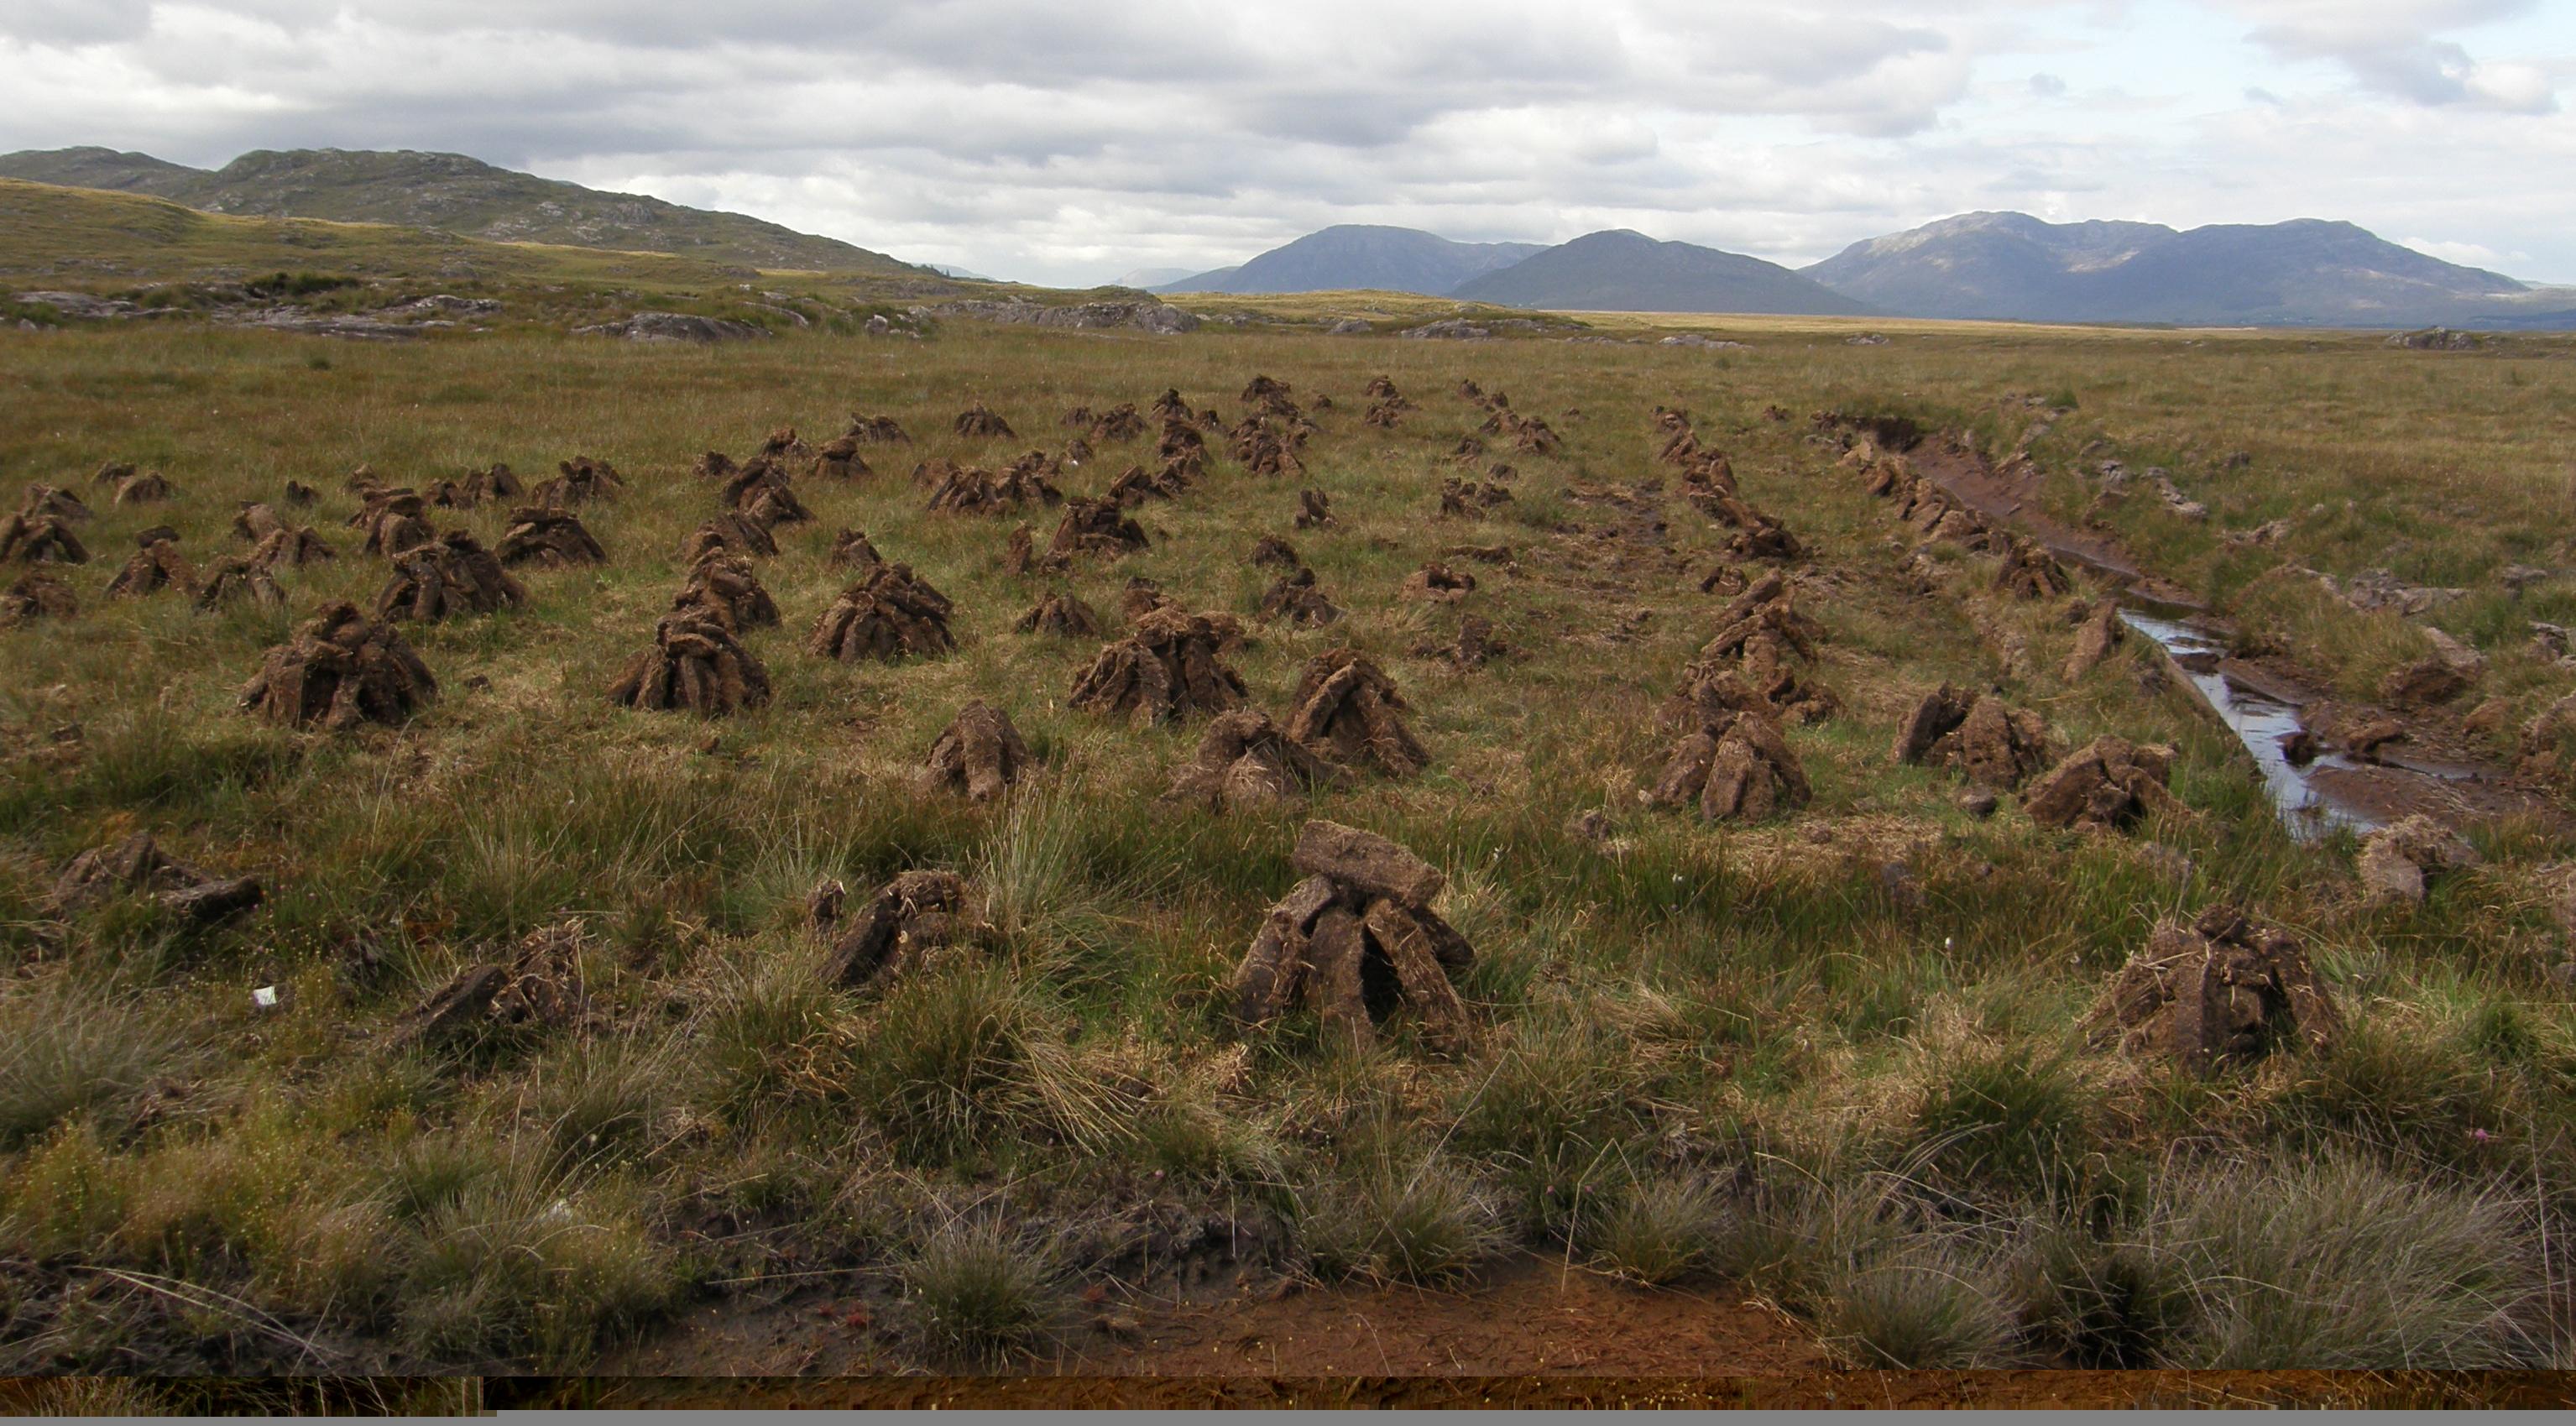 Field of Footings